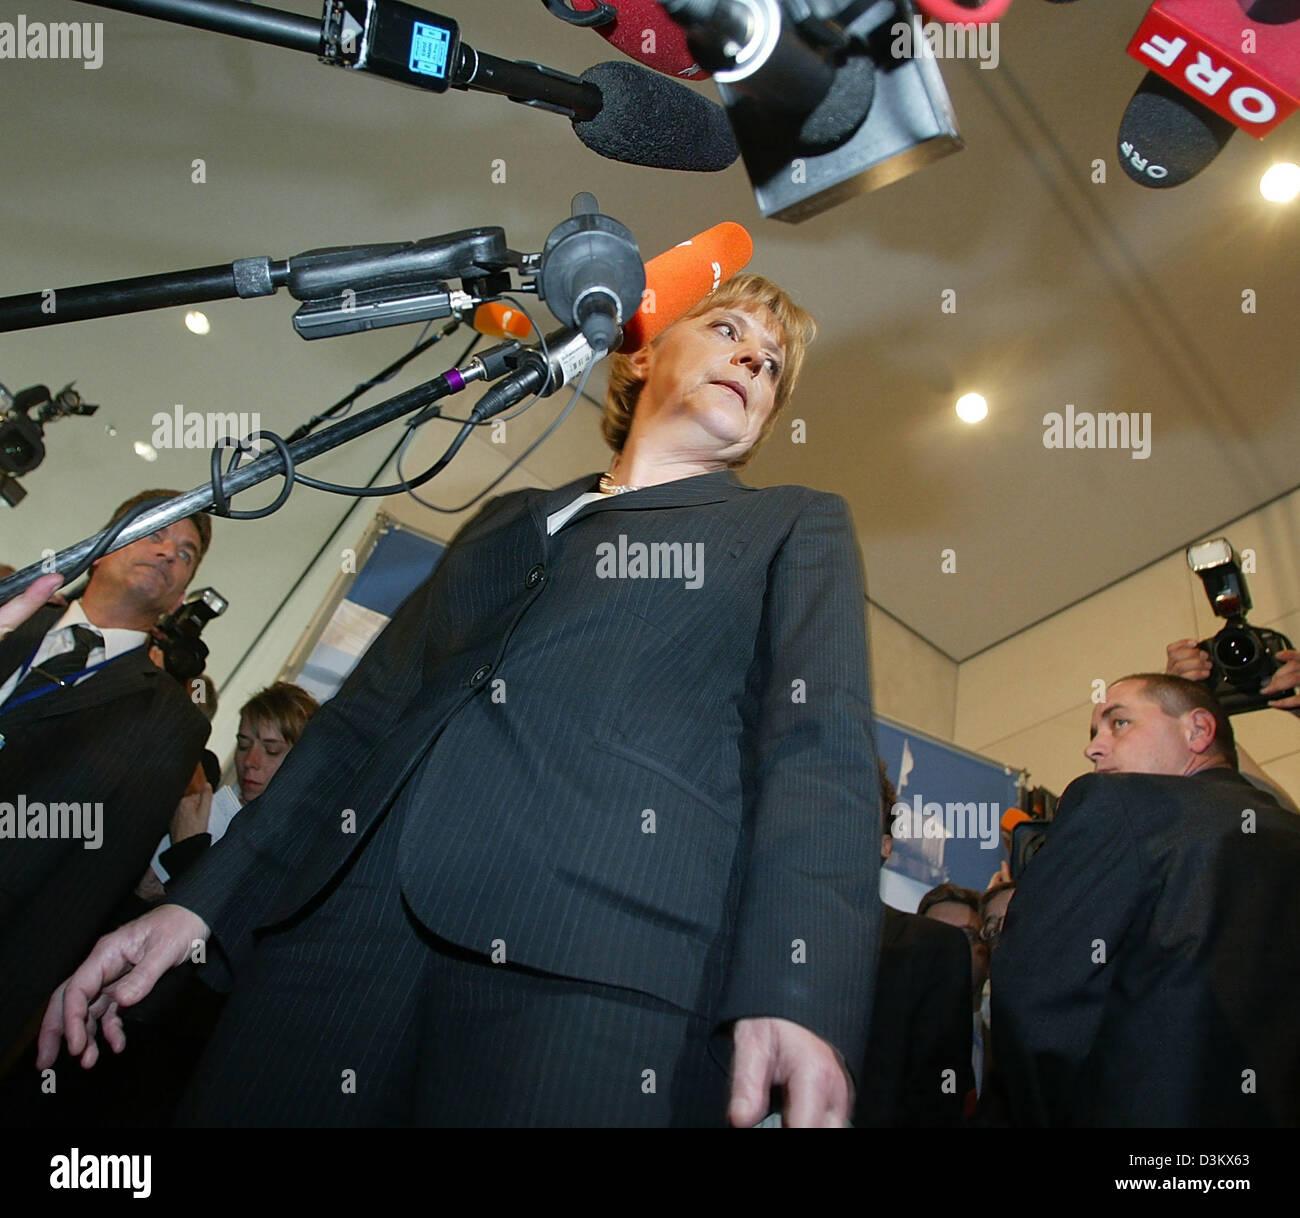 (Afp) - Angela Merkel (C), Présidente de la CDU et candidat de chancelier, sont devant un ensemble de microphones en dépit de la semaine résultats de l'élection générale pour le Bundestag, Mme Merkel a été ré-élu par son parti comme la présidente de la fraction CDU/CSU avec une majorité écrasante. Elle a obtenu 98,6 % des voix, marquant ses meilleurs résultats jusqu'à présent, qui lui a permis Banque D'Images